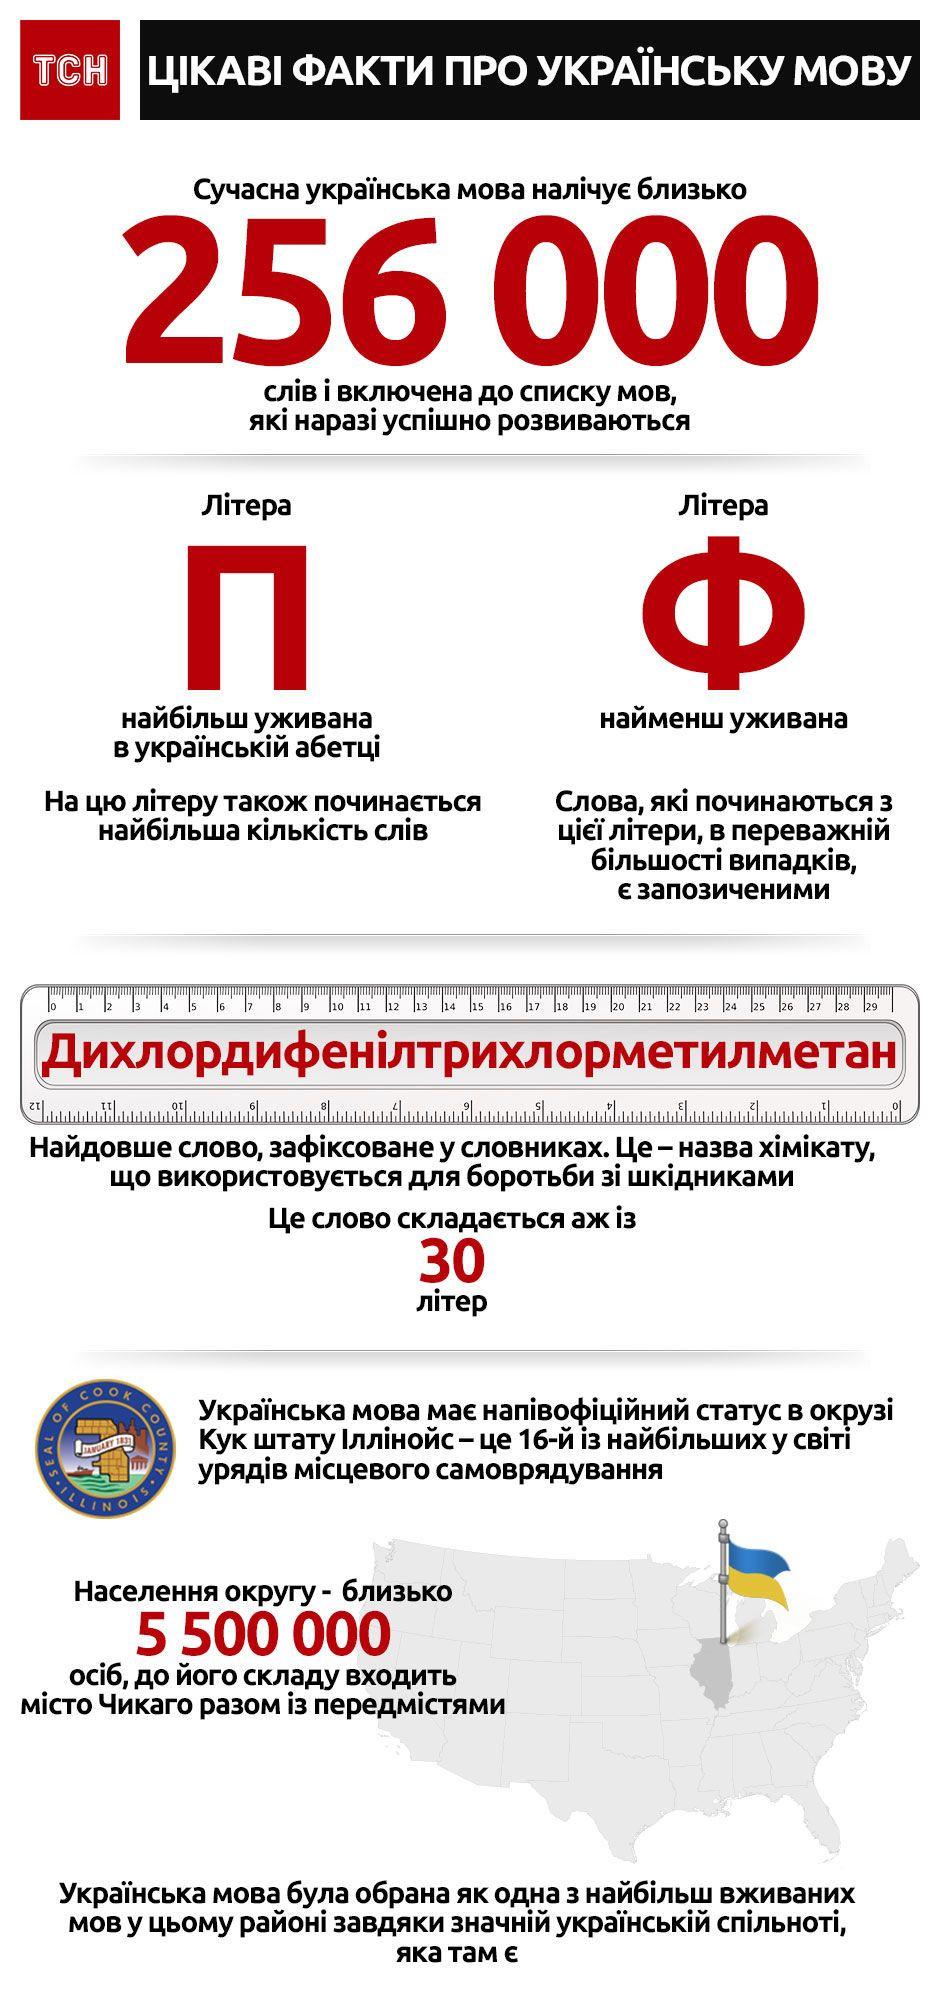 Українська мова. Інфографіка